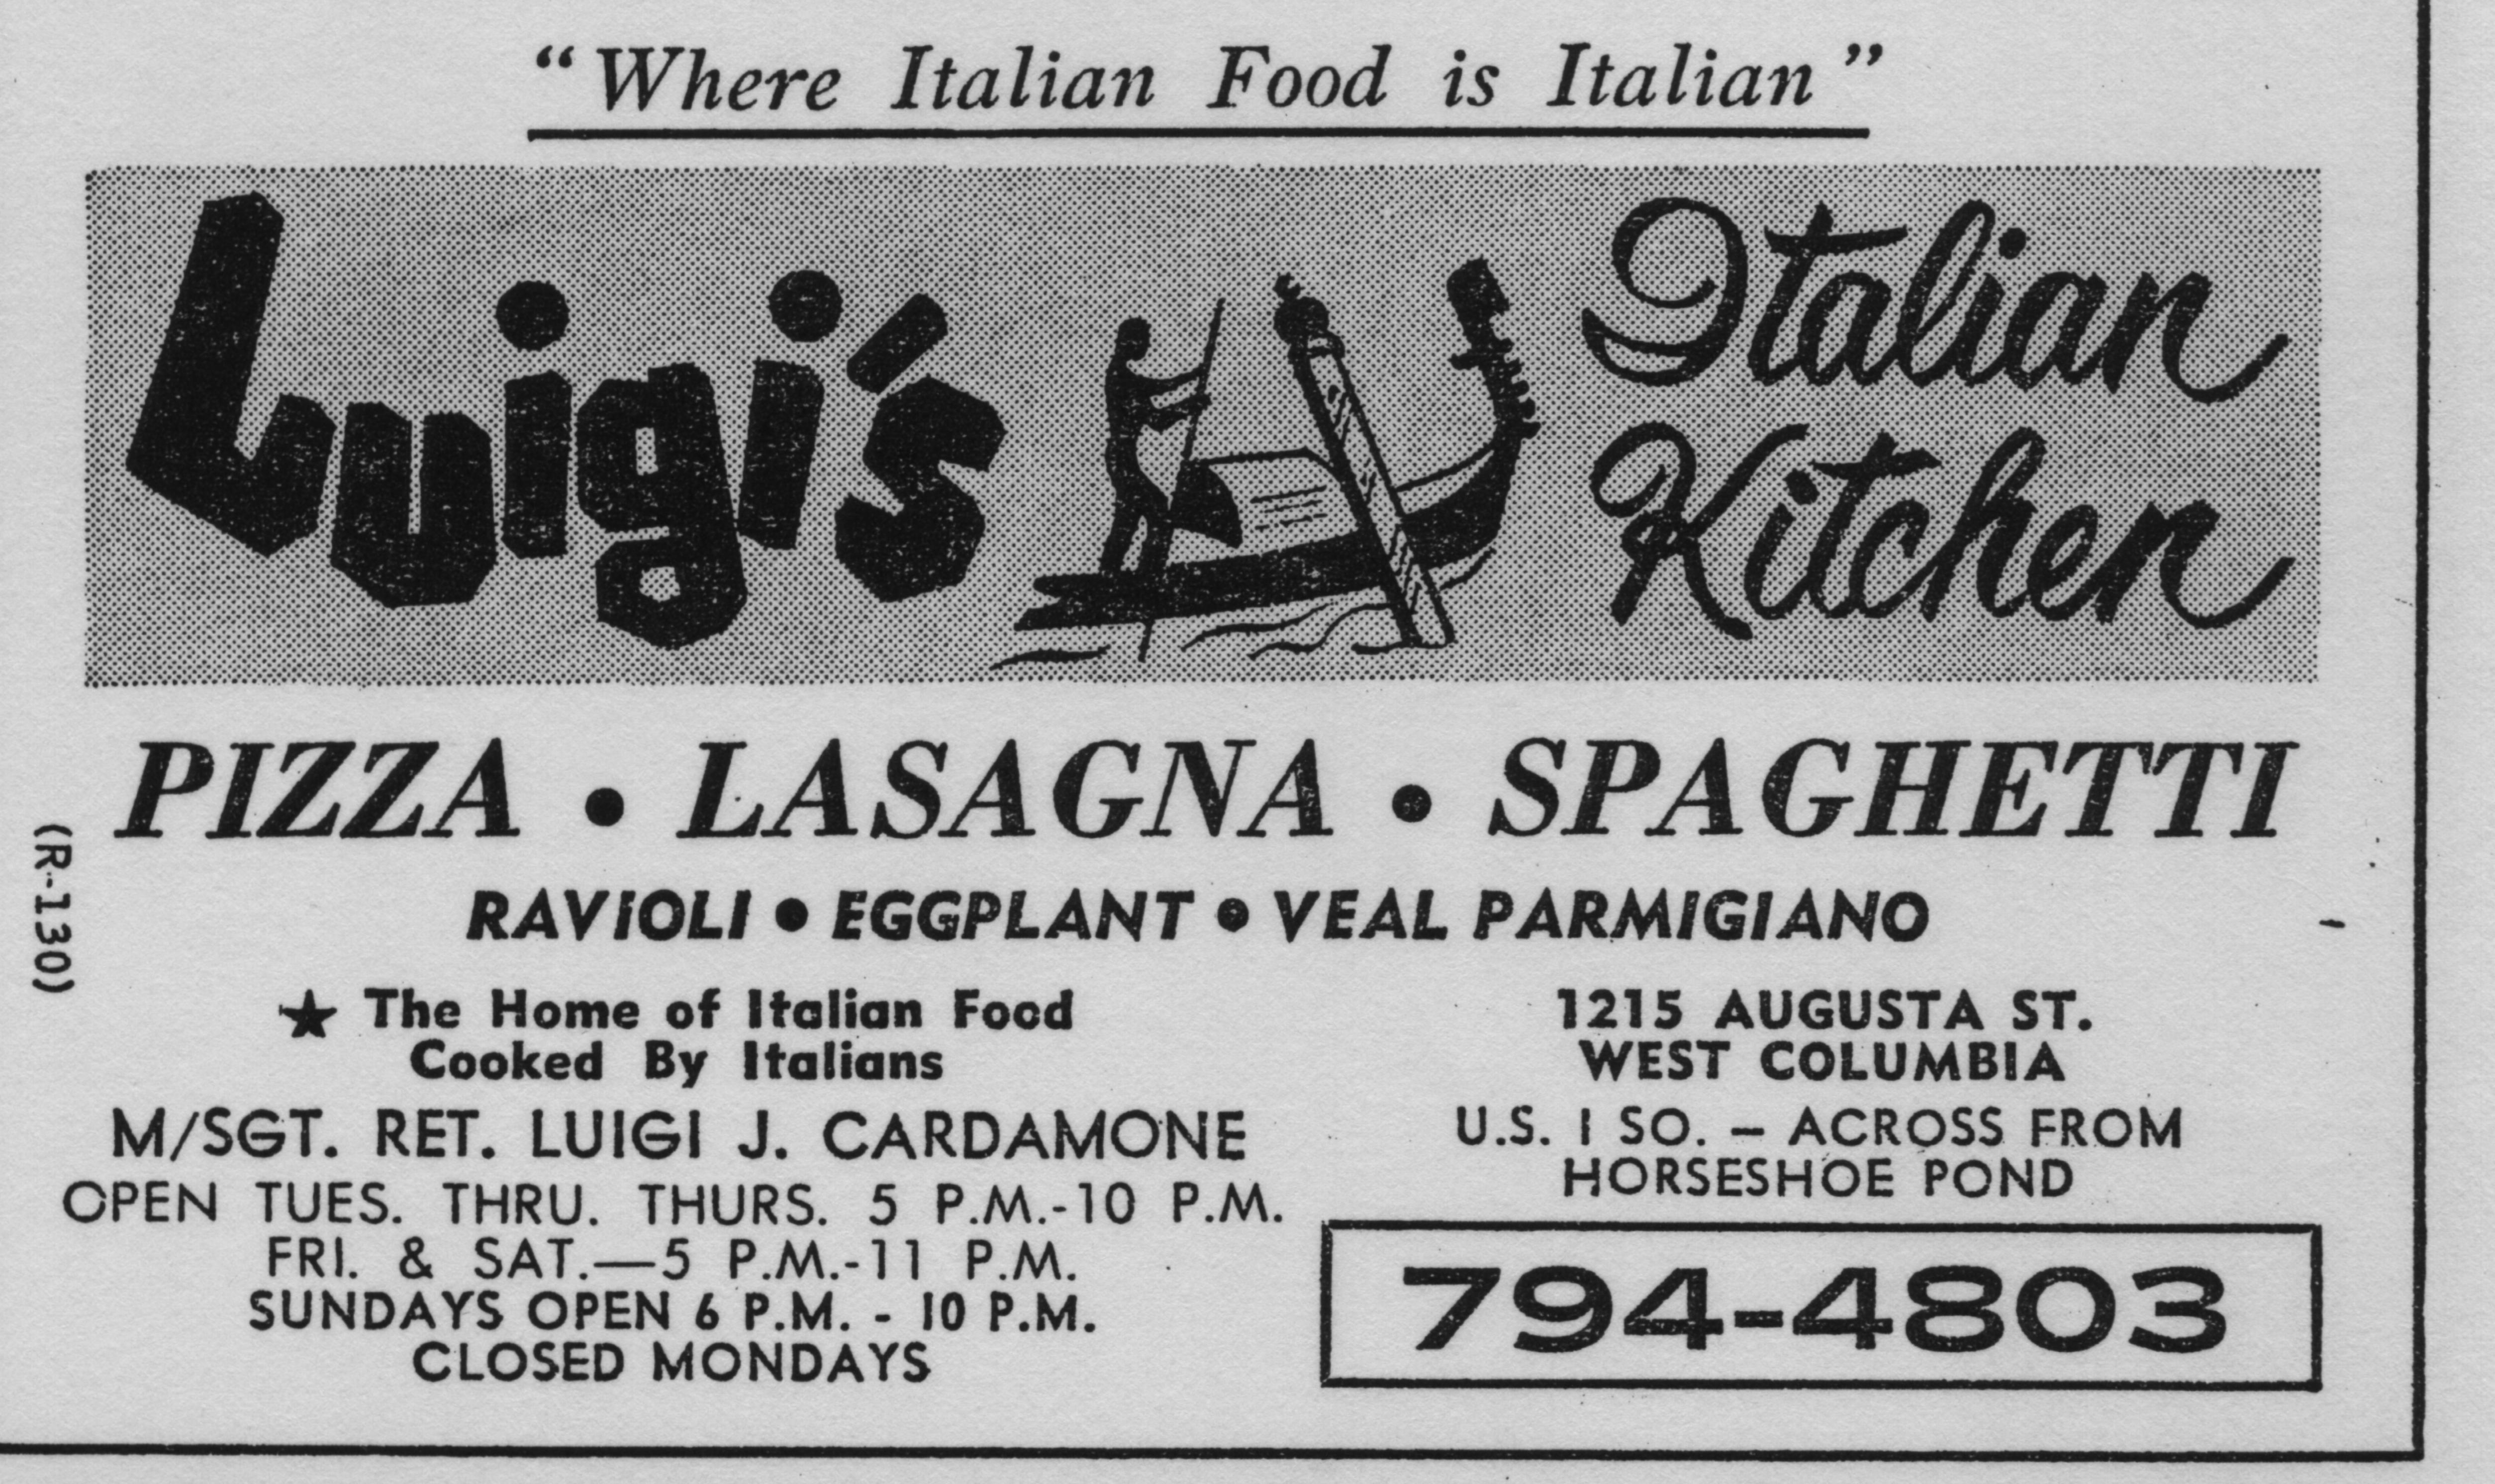 Luigi's Italian Kitchen, 1215 Augusta Street: mid-1980s at